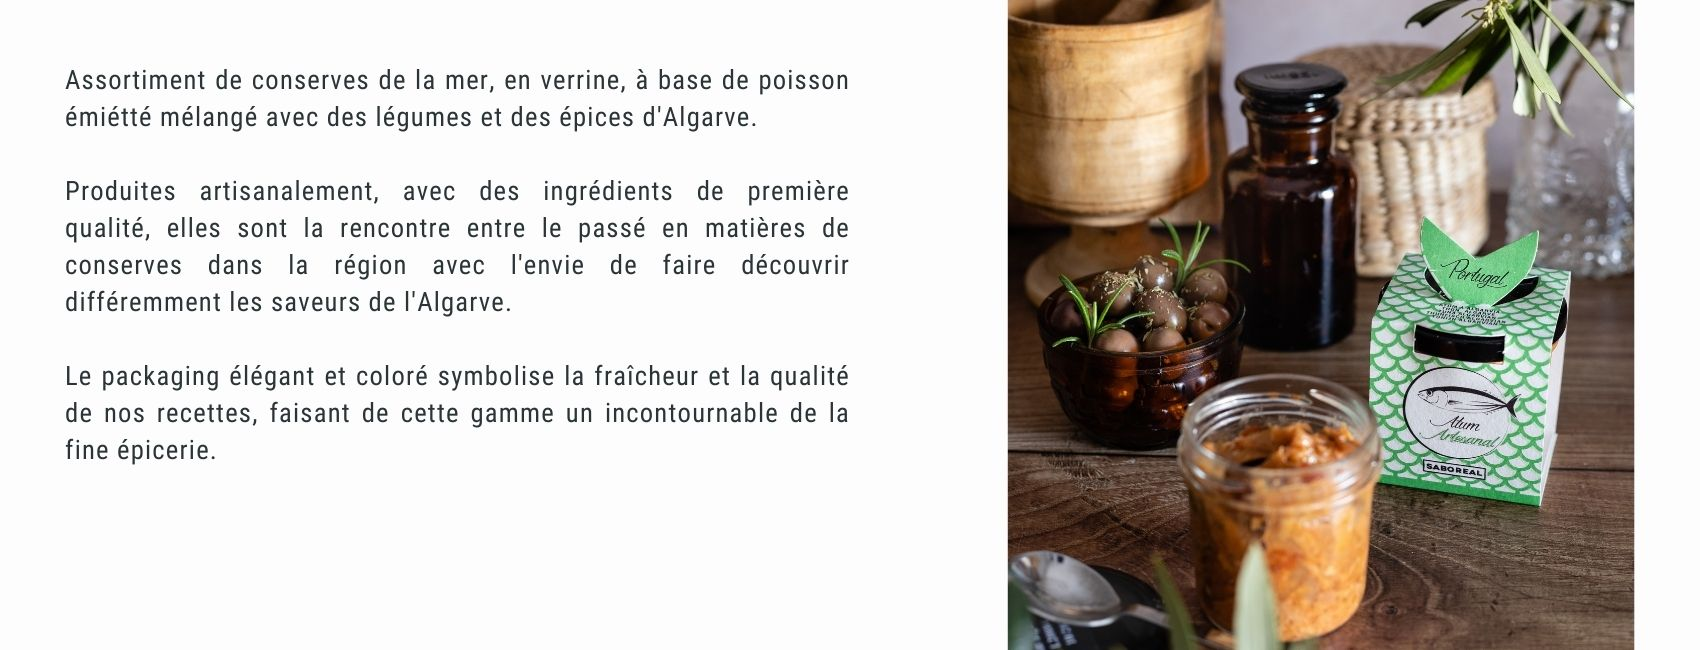 Assortiment de conserves de la mer, en verrine, à base de poisson émiétté mélangé avec des légumes et des épices d'Algarve.  Produites artisanalement, avec des ingrédients de première qualité, elles sont la rencontre entre le passé en matières de conserves dans la région avec l'envie de faire découvrir différemment les saveurs de l'Algarve.  Le packaging élégant et coloré symbolise la fraîcheur et la qualité de nos recettes, faisant de cette gamme un incontournable de la fine épicerie.